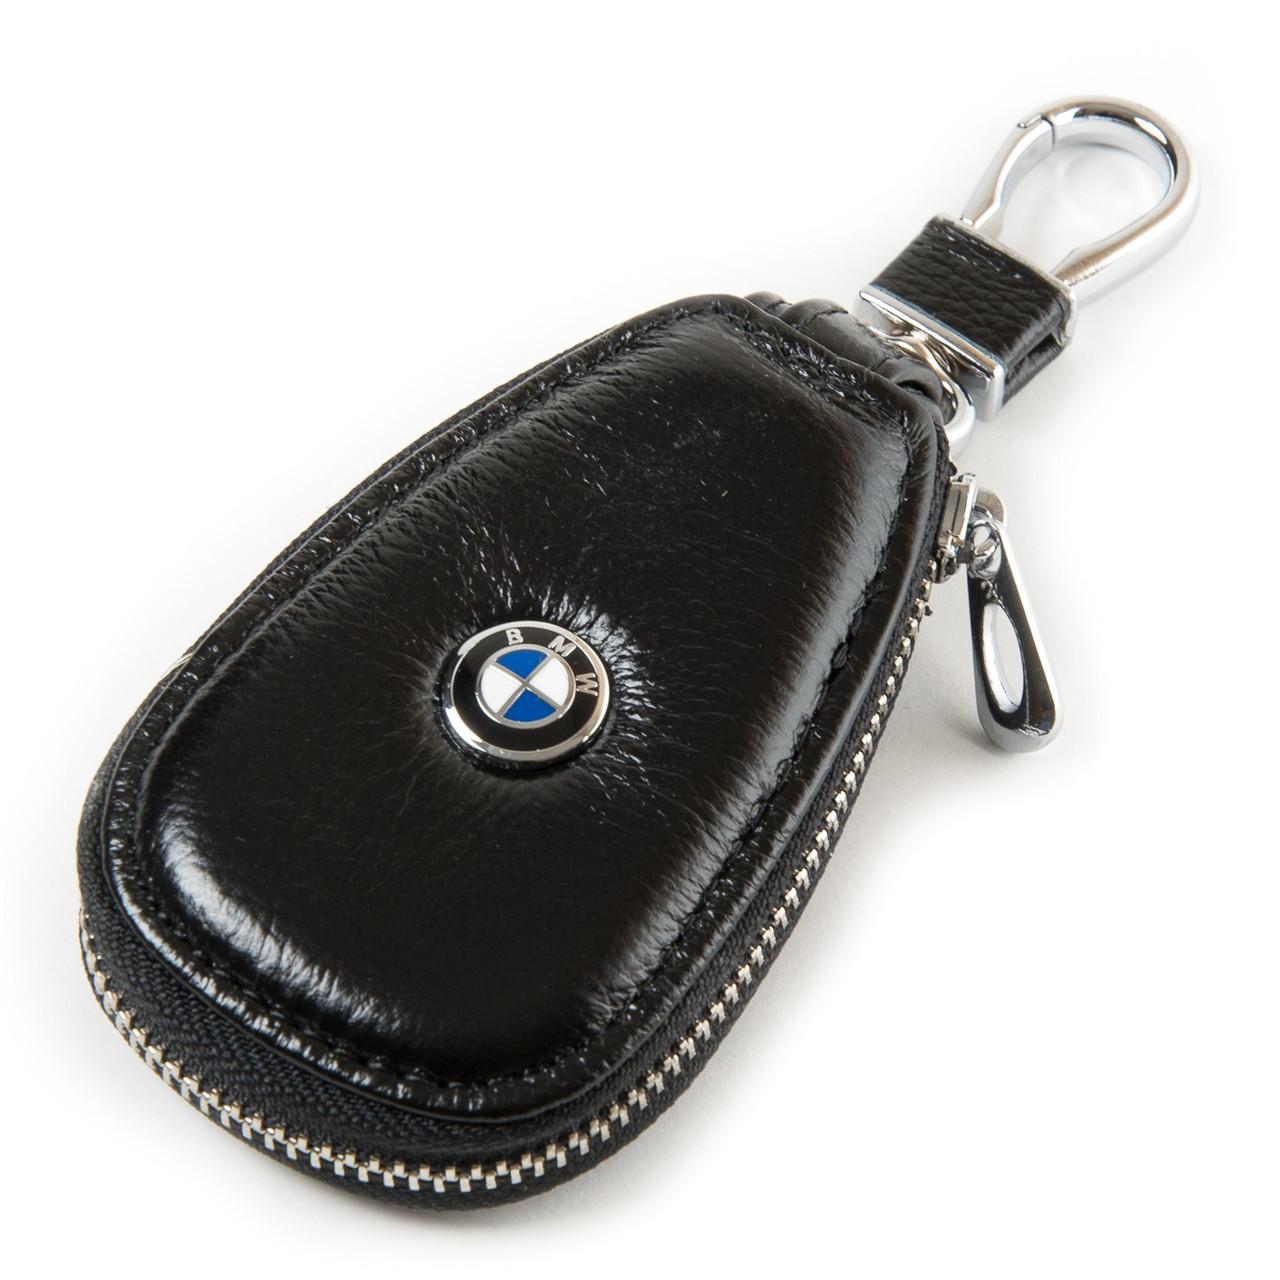 Гаманець Ключниця Авто шкіра F633 BMW черная